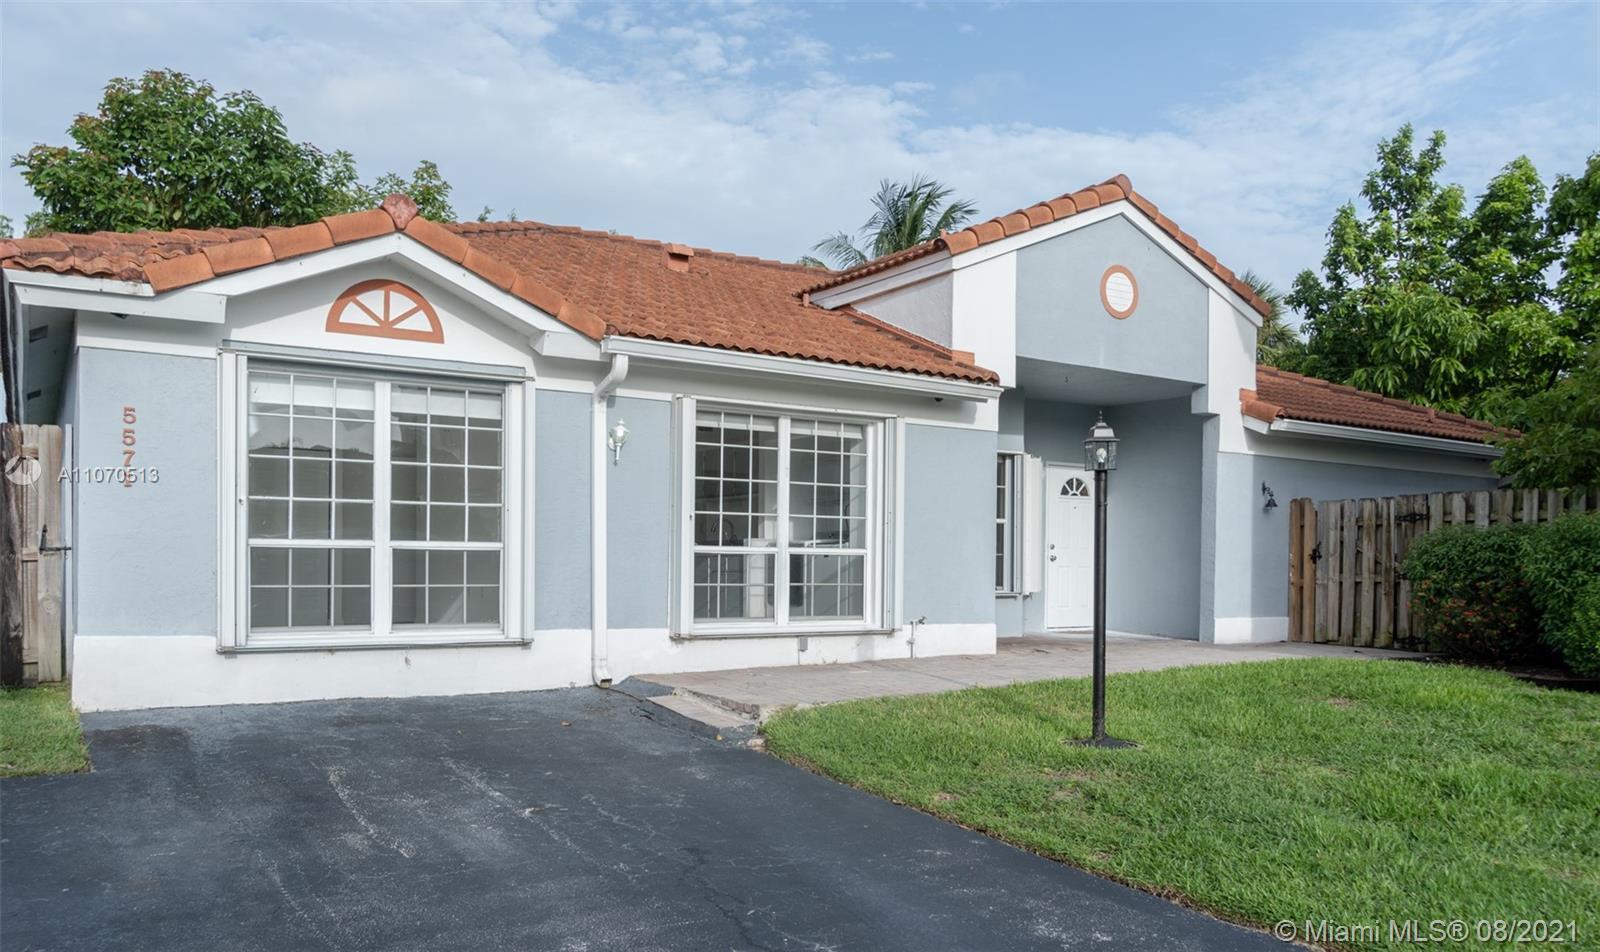 Doral Park - 5571 NW 102nd Ct, Doral, FL 33178